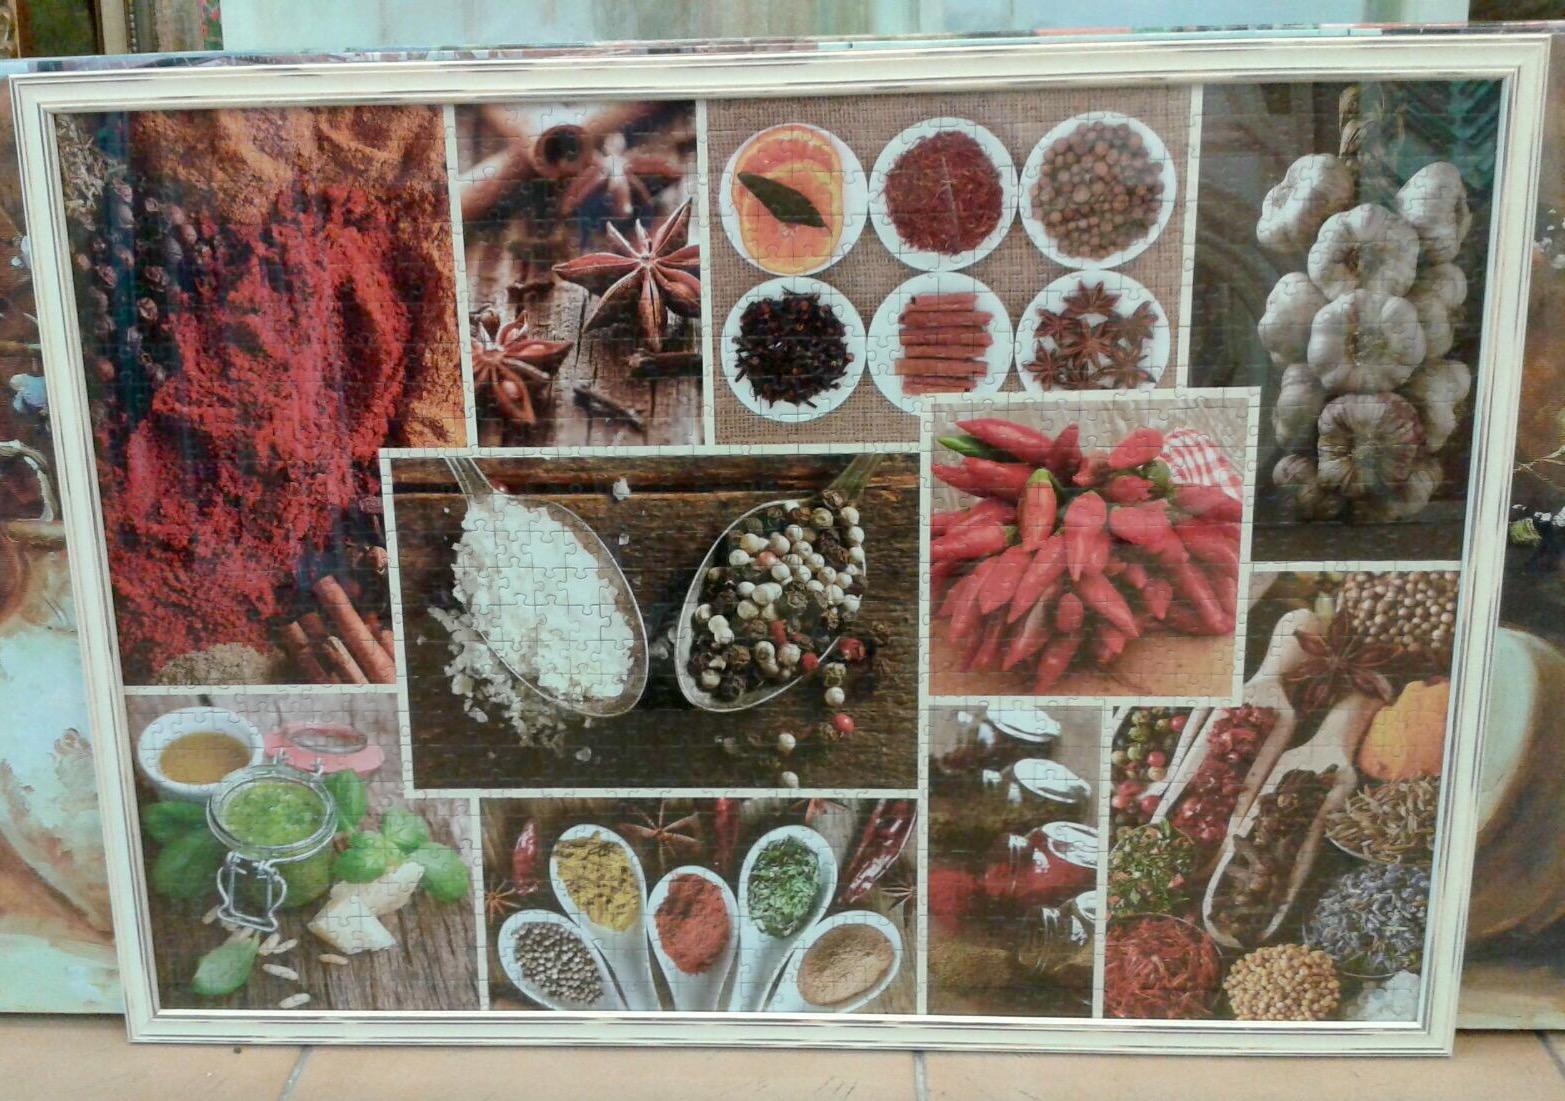 """מסגור פאזלים תבלינים - שום טוסקני, כוכב אניס, צ'ילי ושאר תבלינים Trefl Spices 1000 Piece Jigsaw Puzzle 68*48 ס""""מ (לא כולל המסגרת)"""